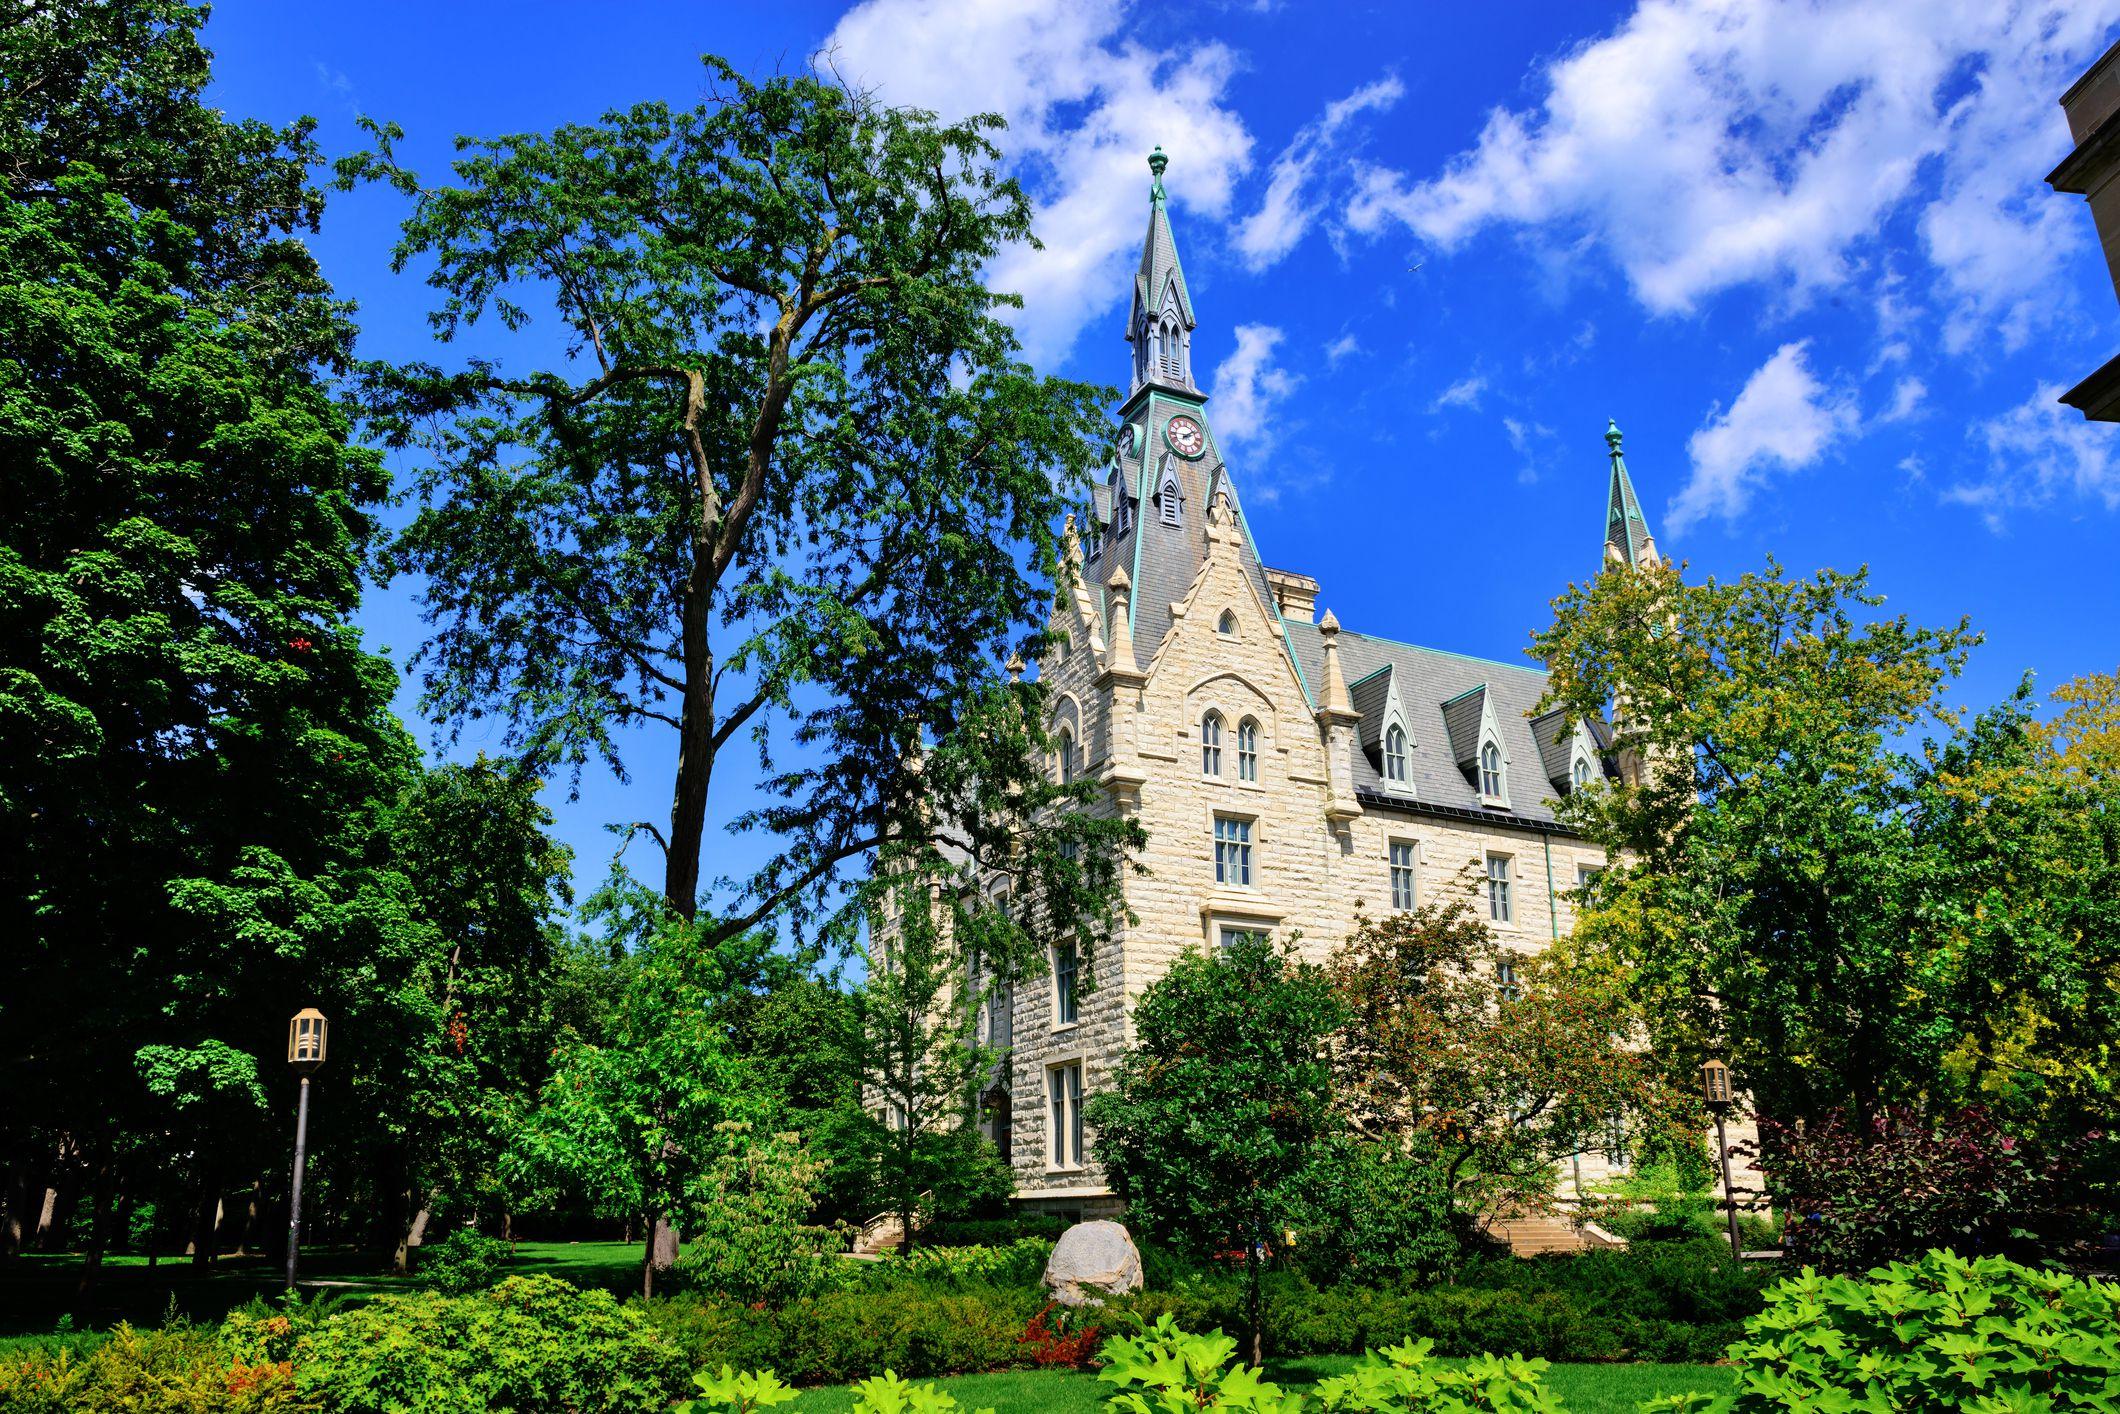 Northwestern University Hall in Evanston, Illinois